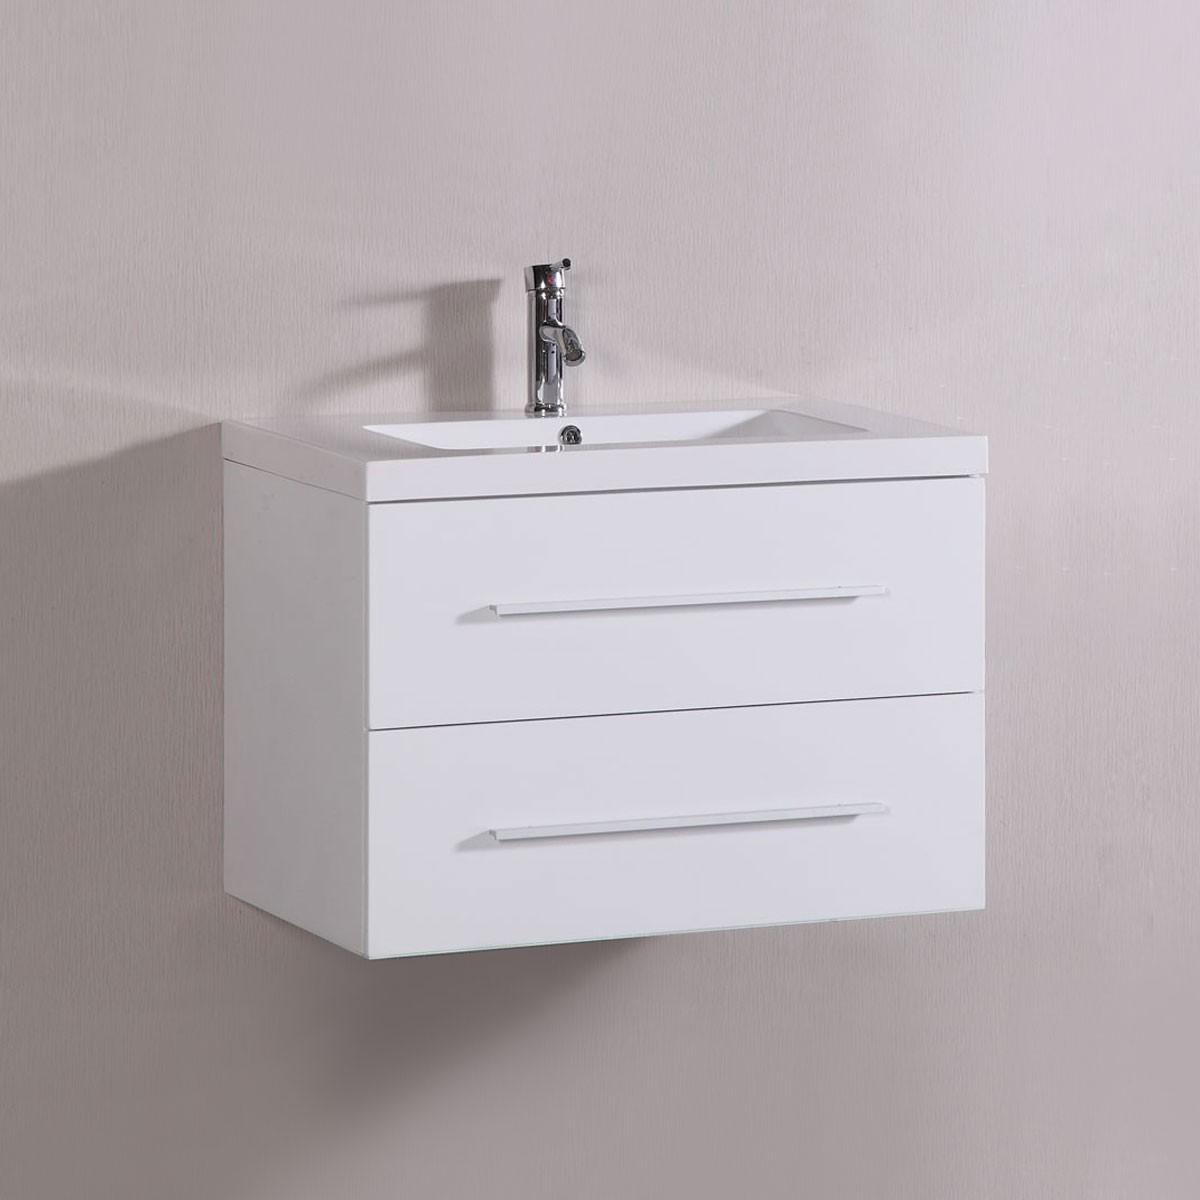 40 In. Wall Mount Bathroom Vanity (DK-TM8120S-V)